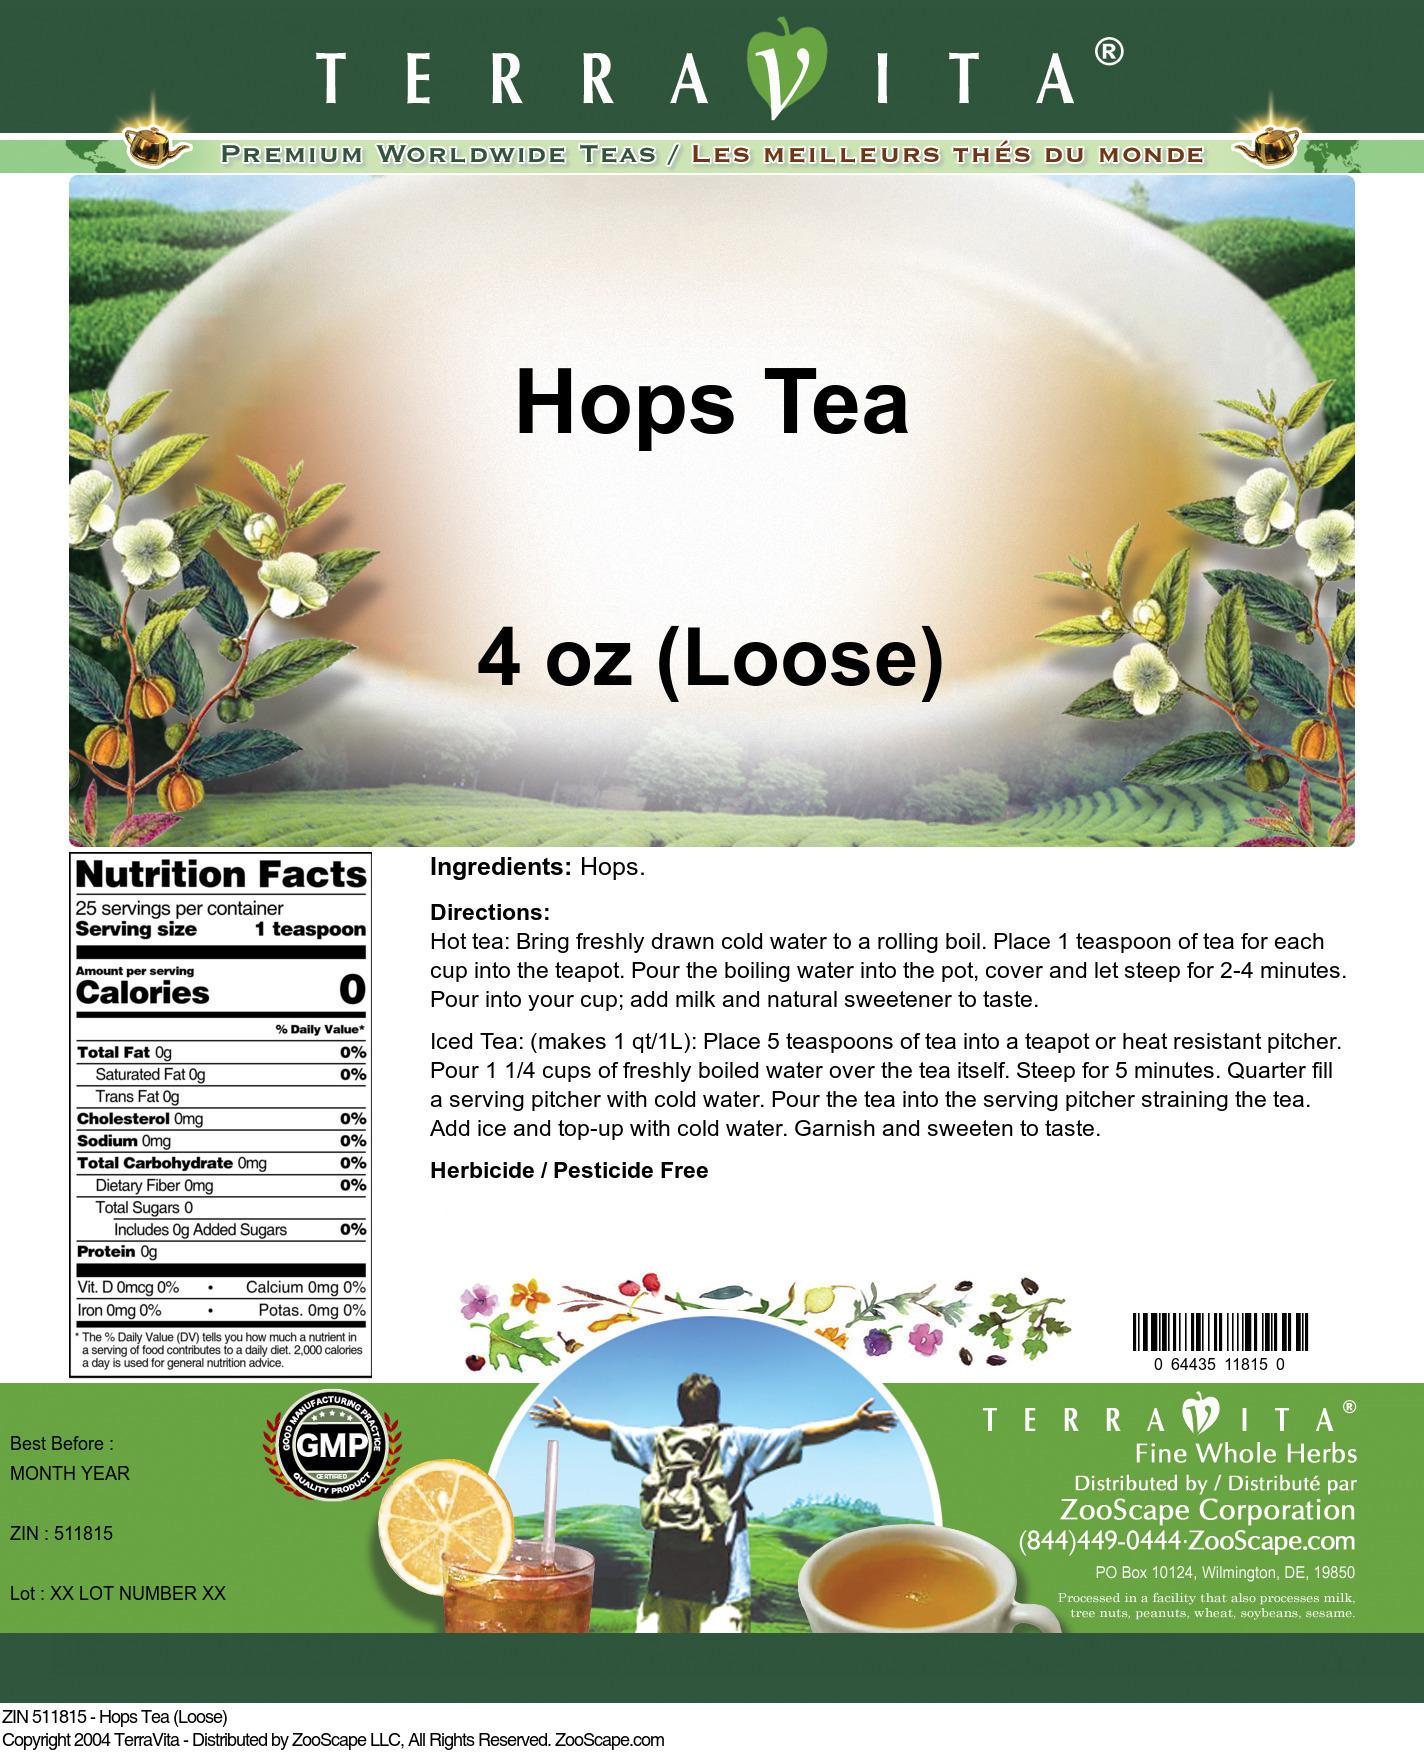 Hops Tea (Loose)